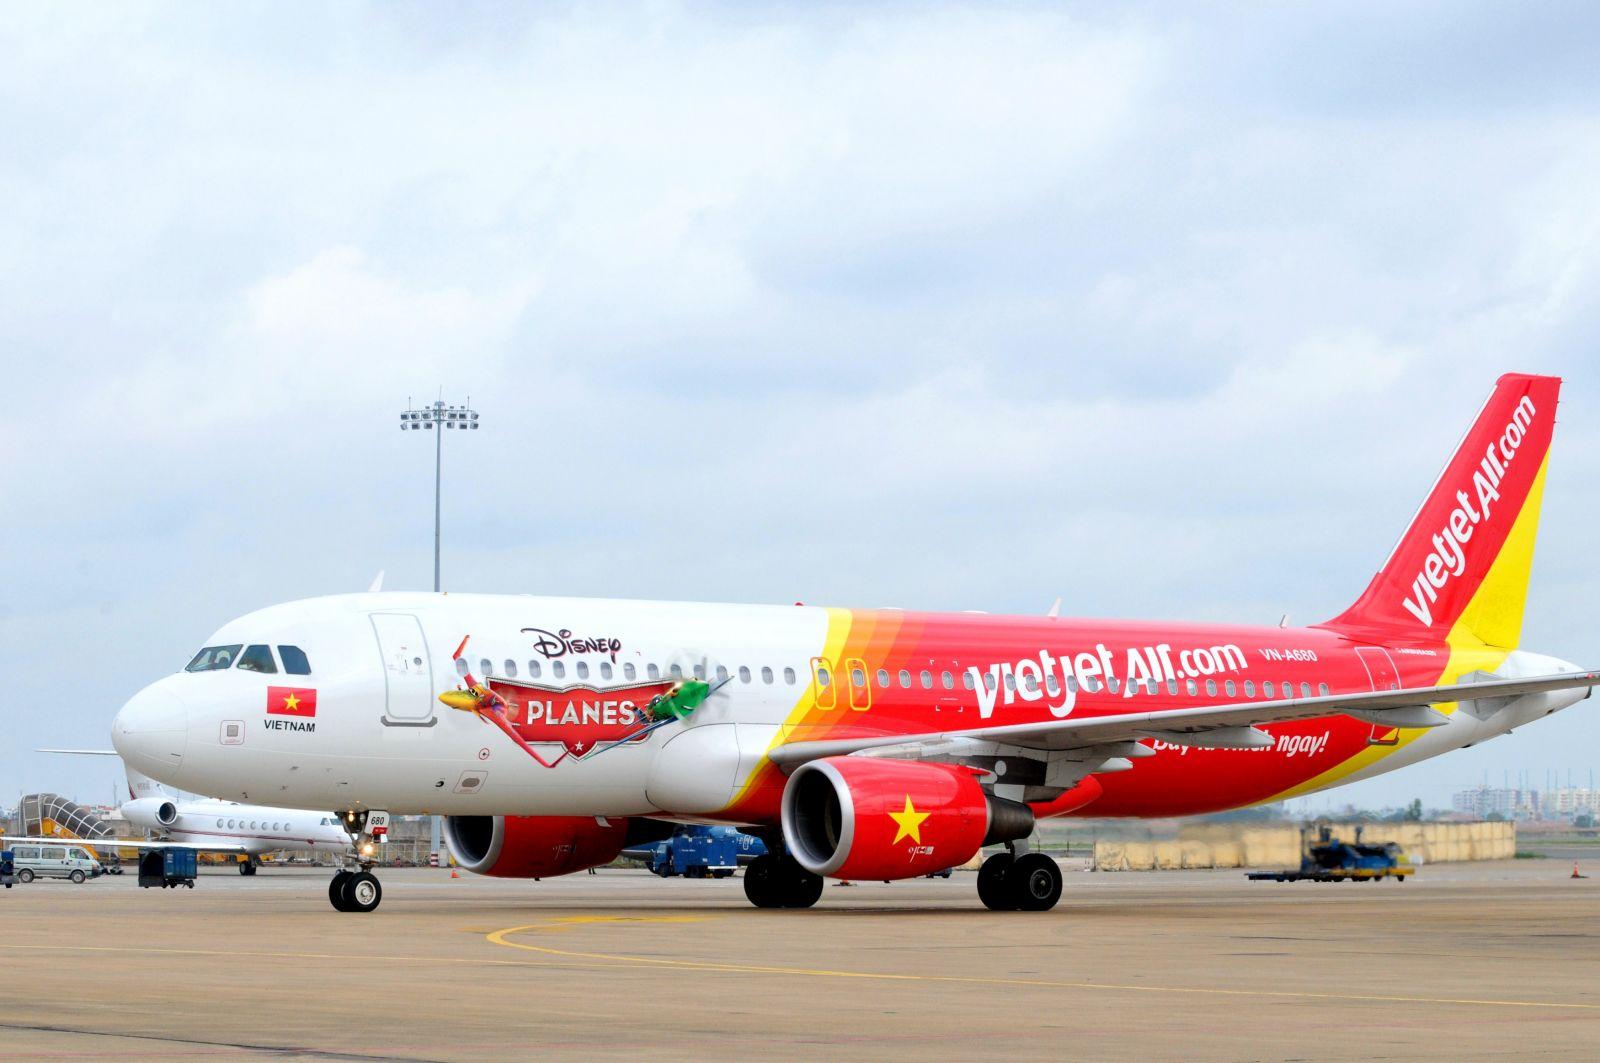 Vietjet Air đền bù cho khách hơn 7 tỷ đồng vì chậm chuyến 1